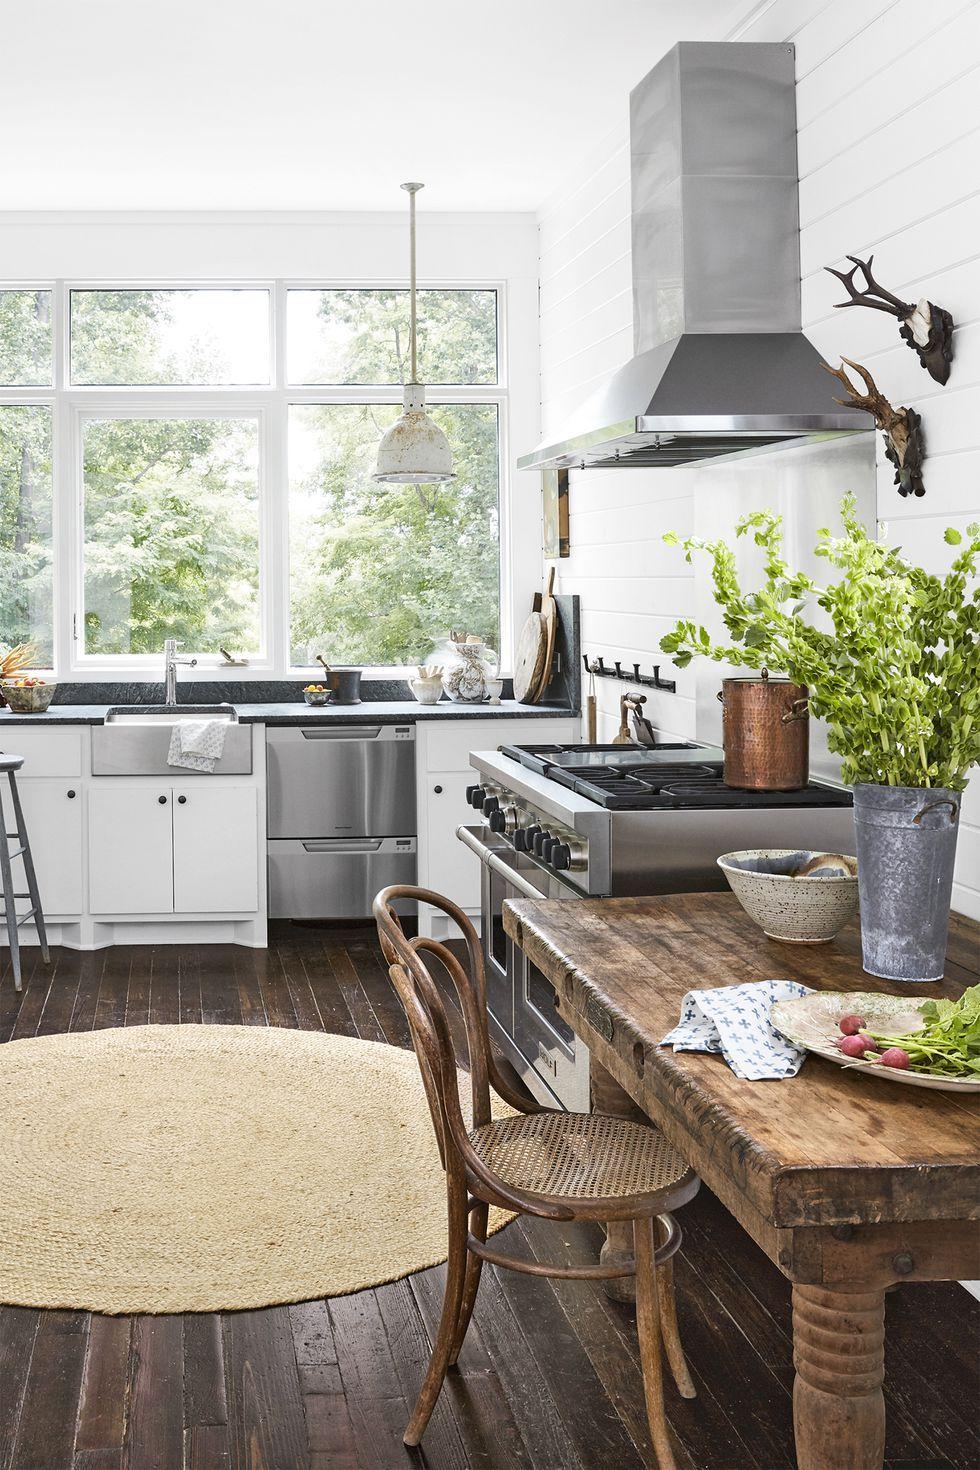 country kitchen ideas practical & 100+ Kitchen Design Ideas - Pictures of Country Kitchen Decorating ...